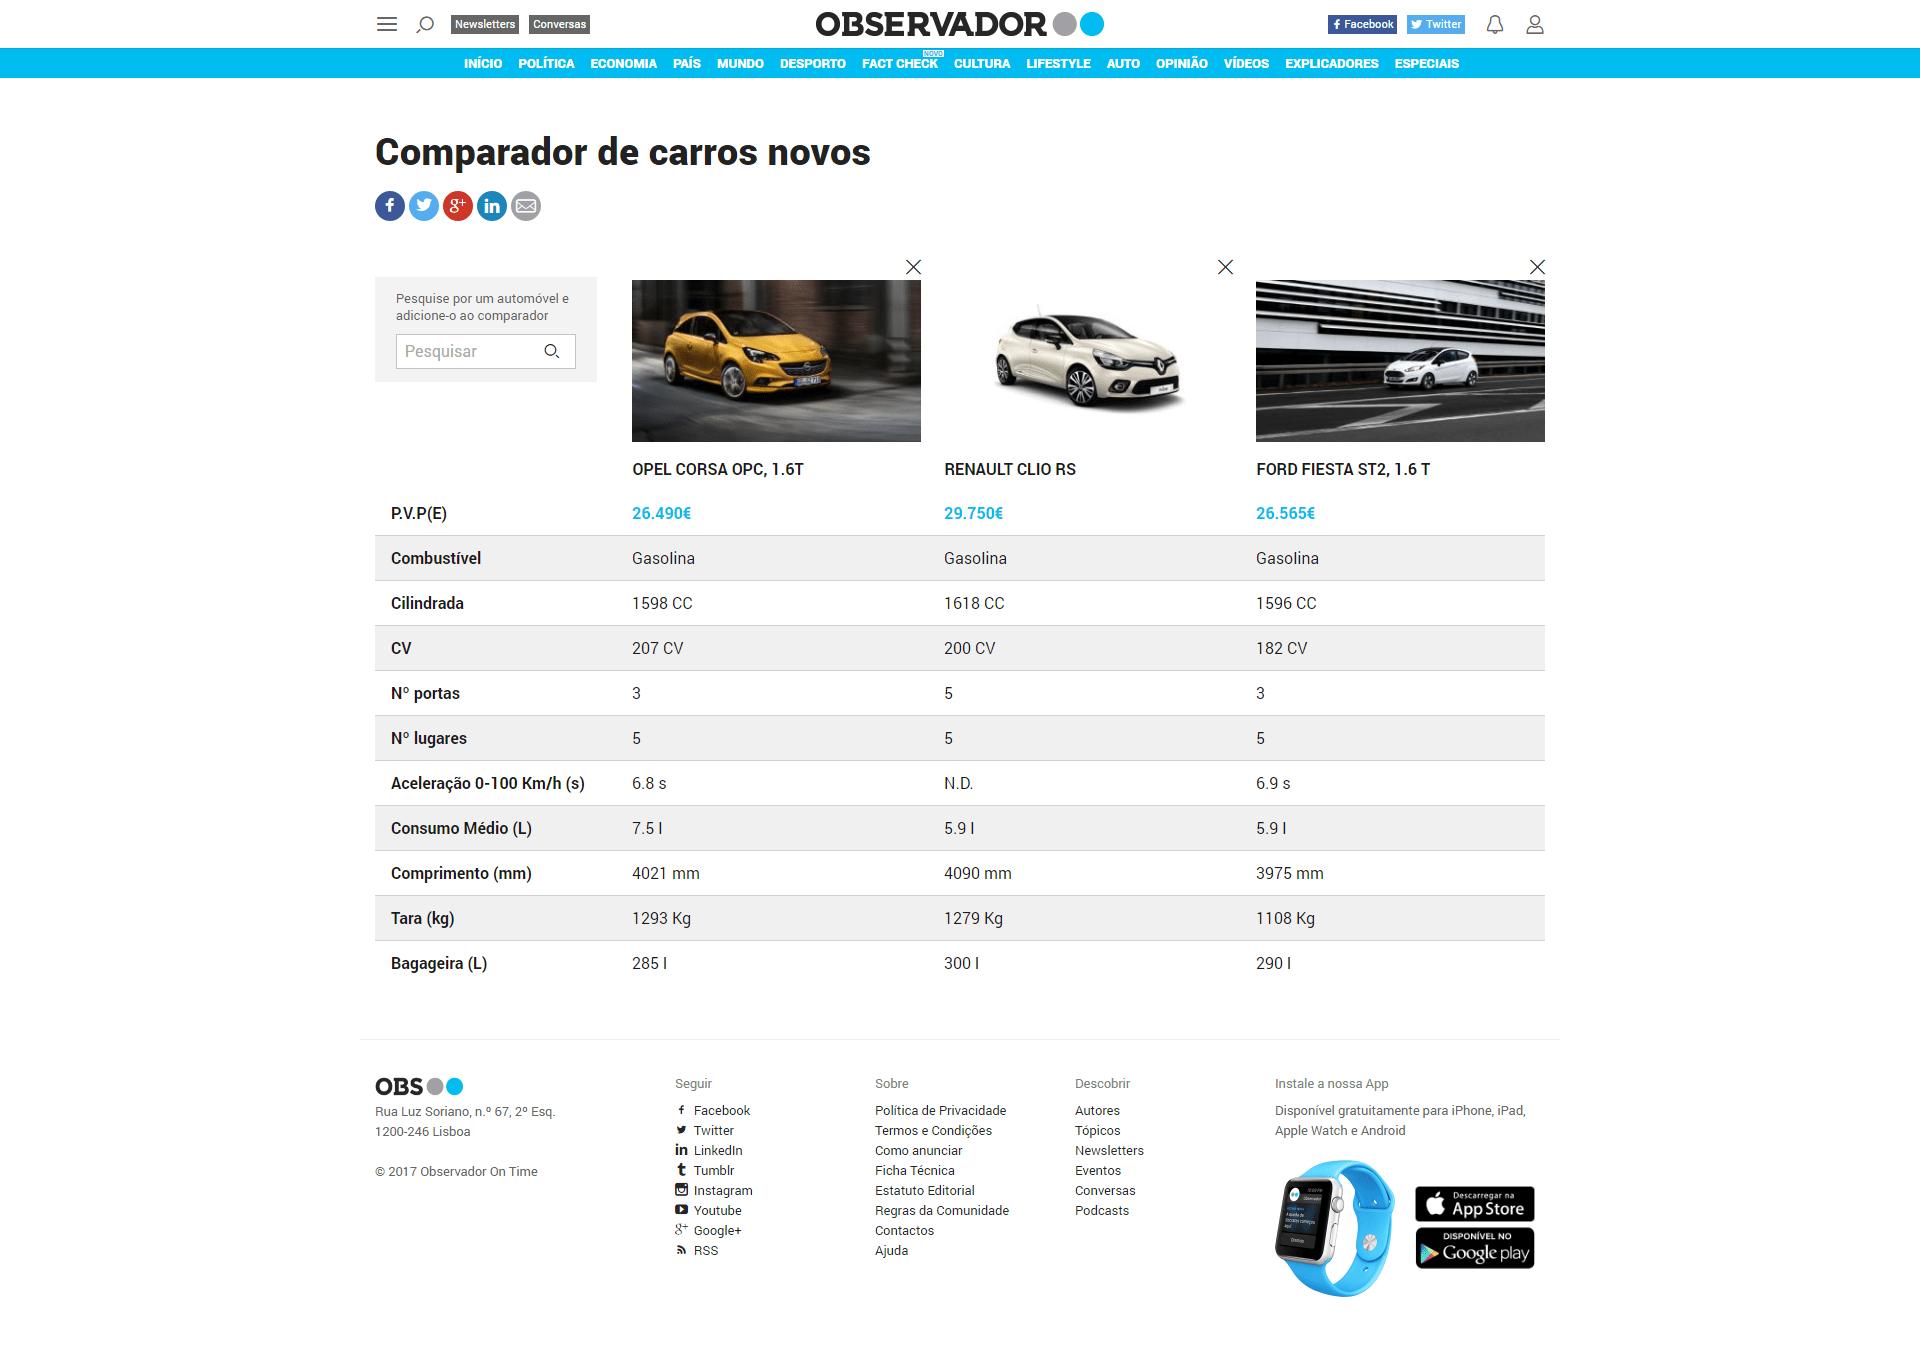 codefive - observador auto